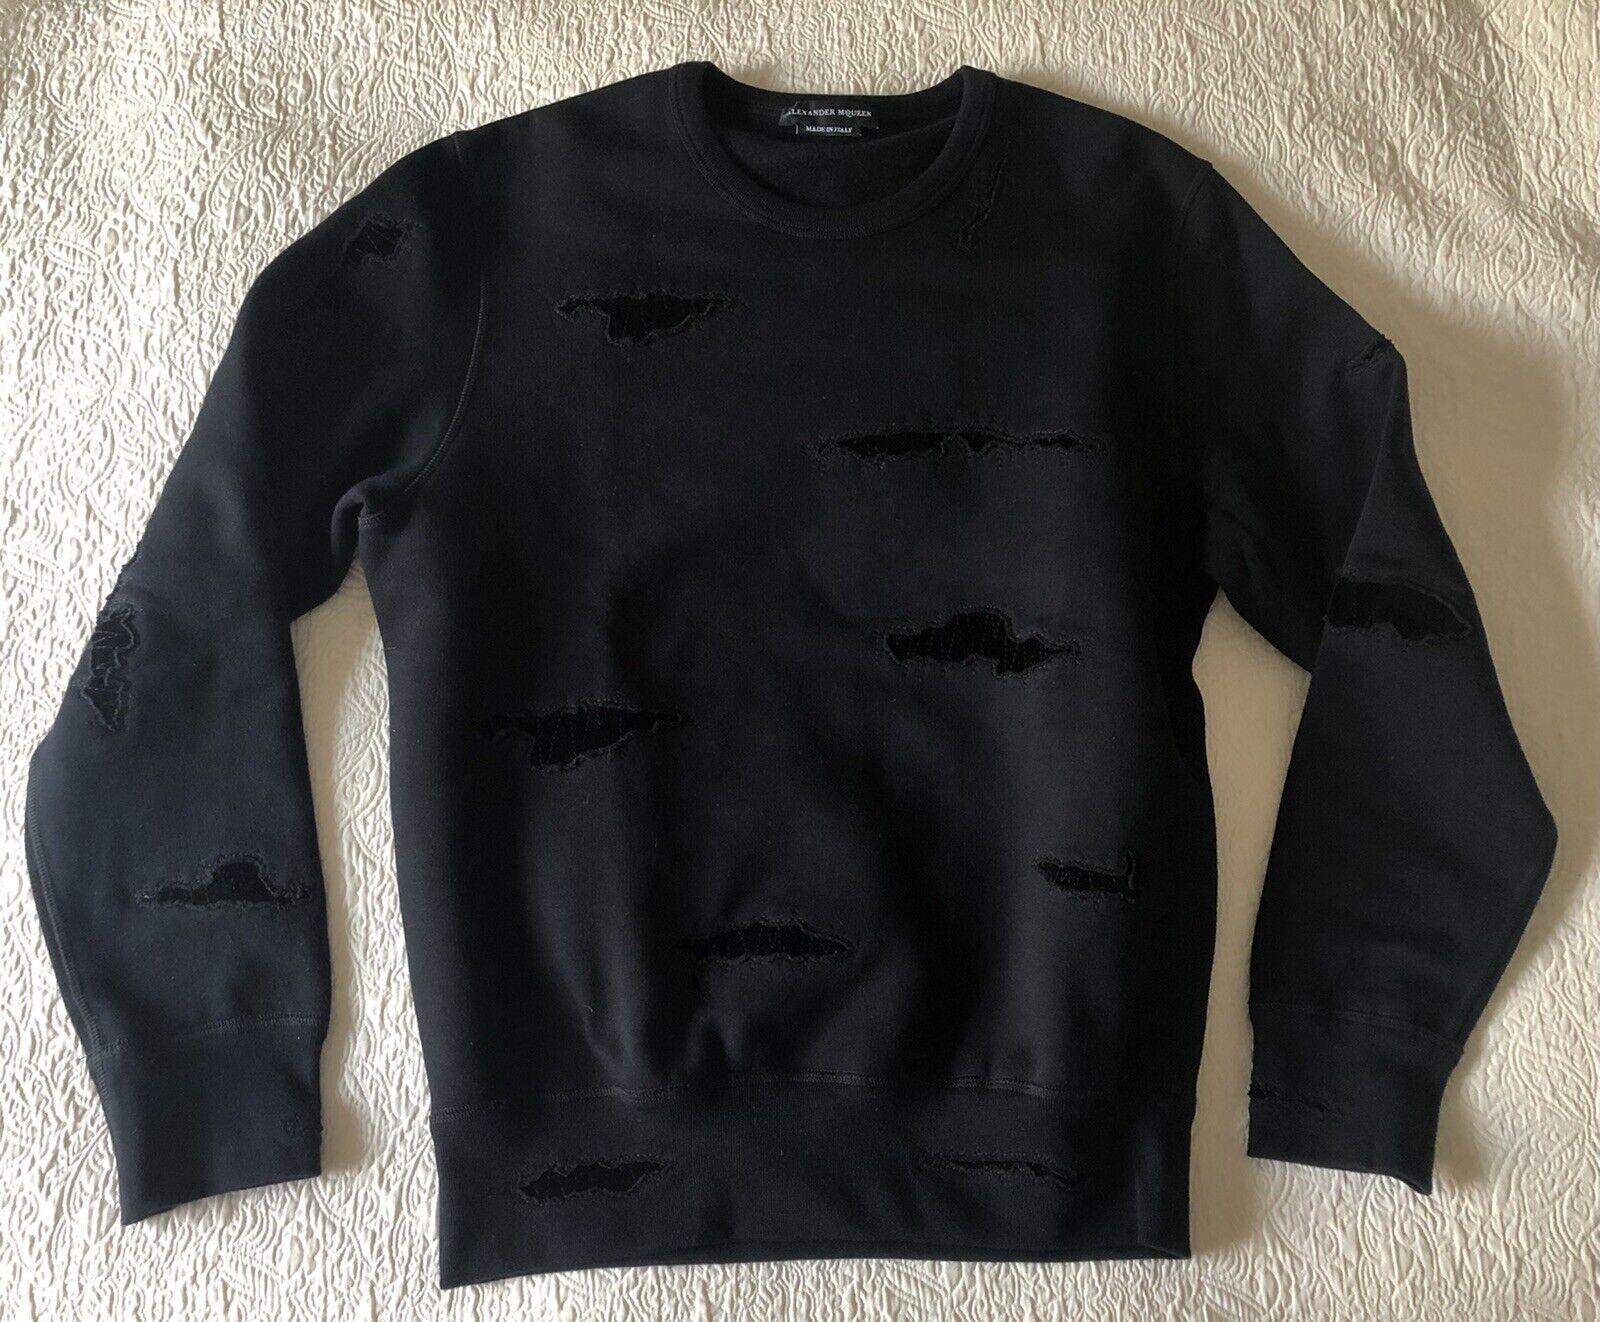 Alexander McQueen Mens Black Sweatshirt Medium